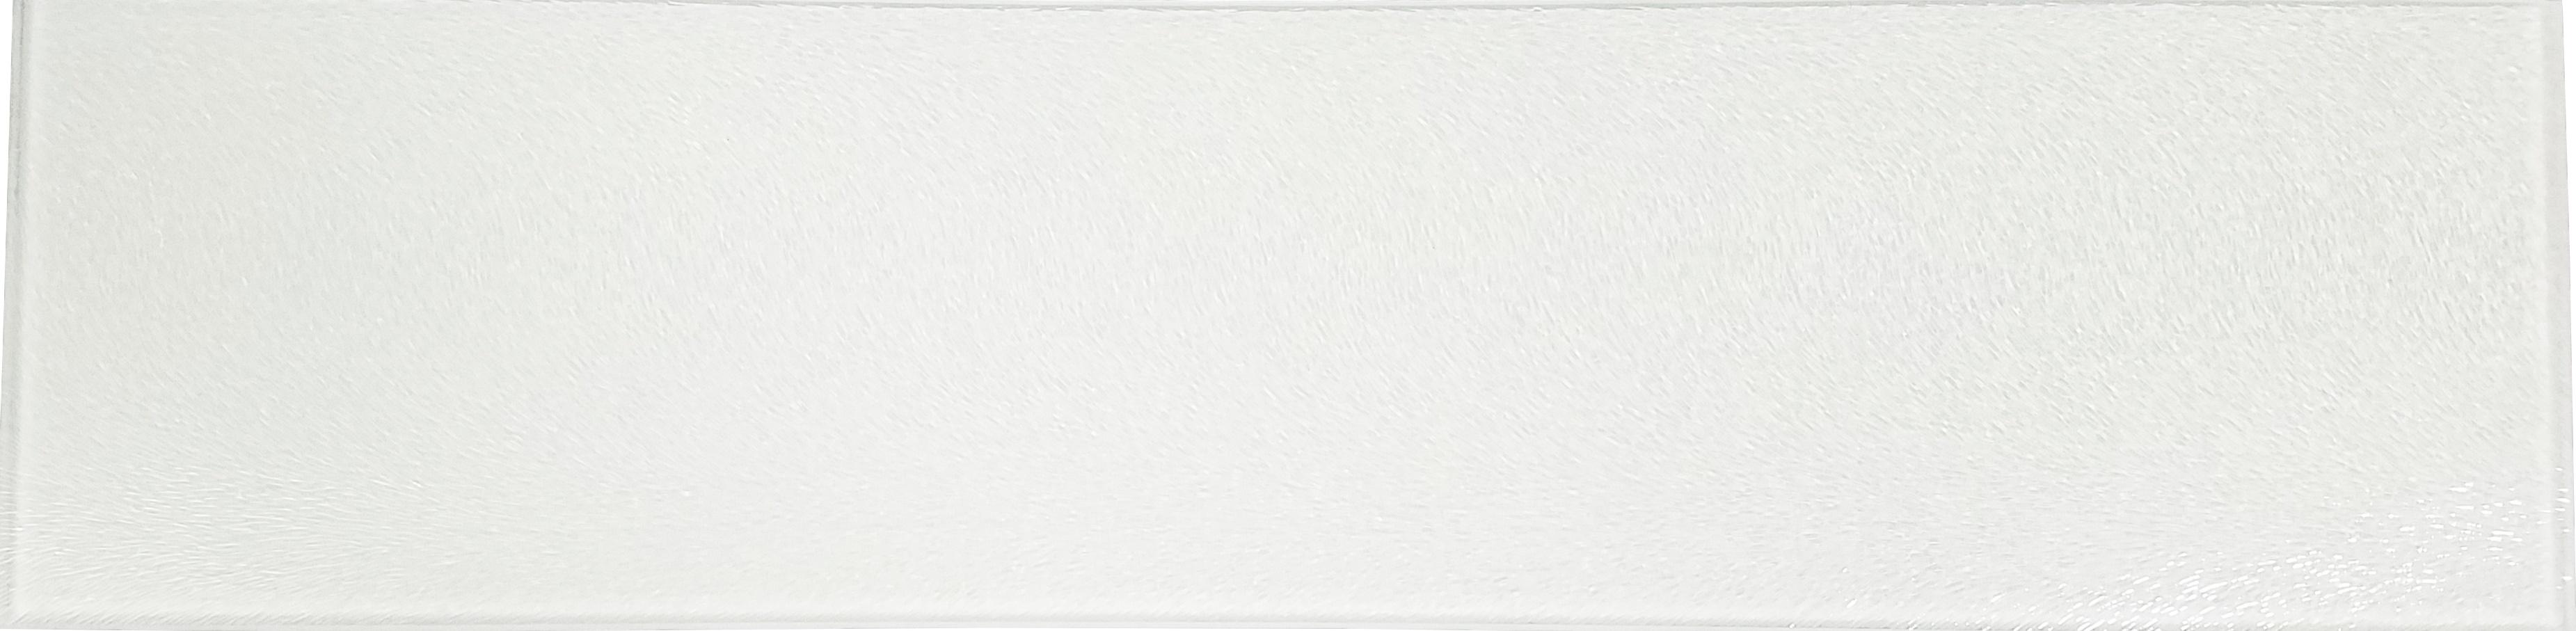 Monroe Collection 4 x 16 Siberian Husky